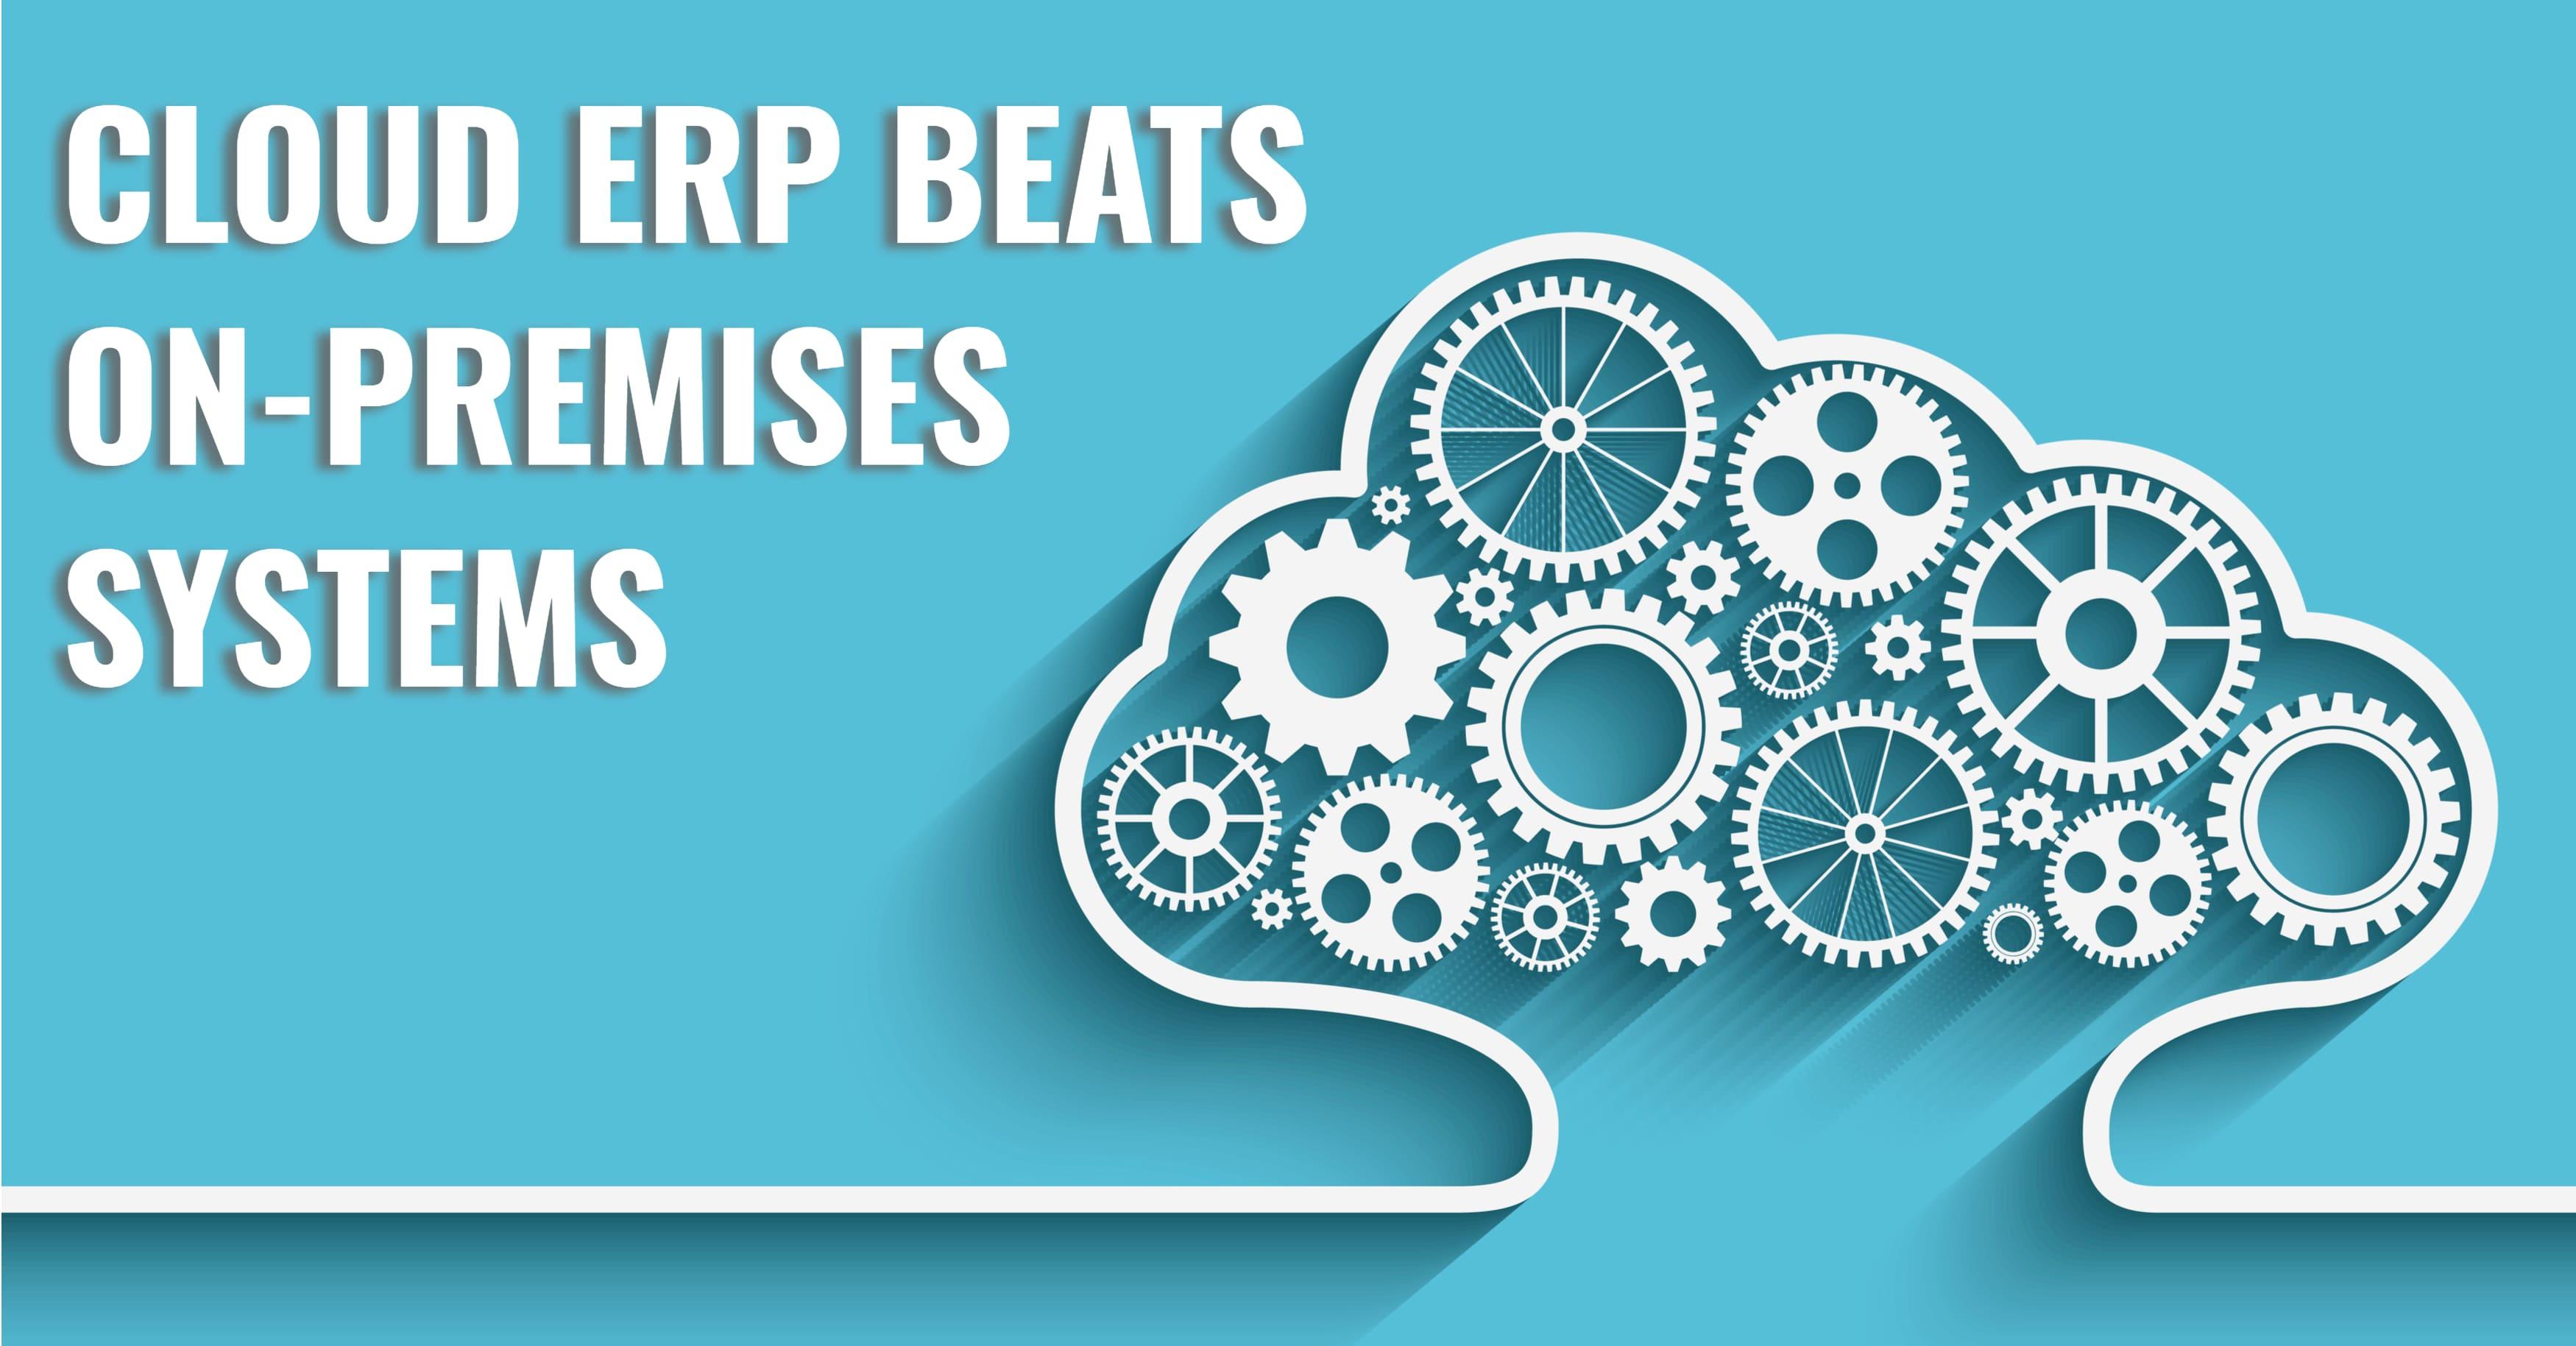 Cloud On-Premises ERP